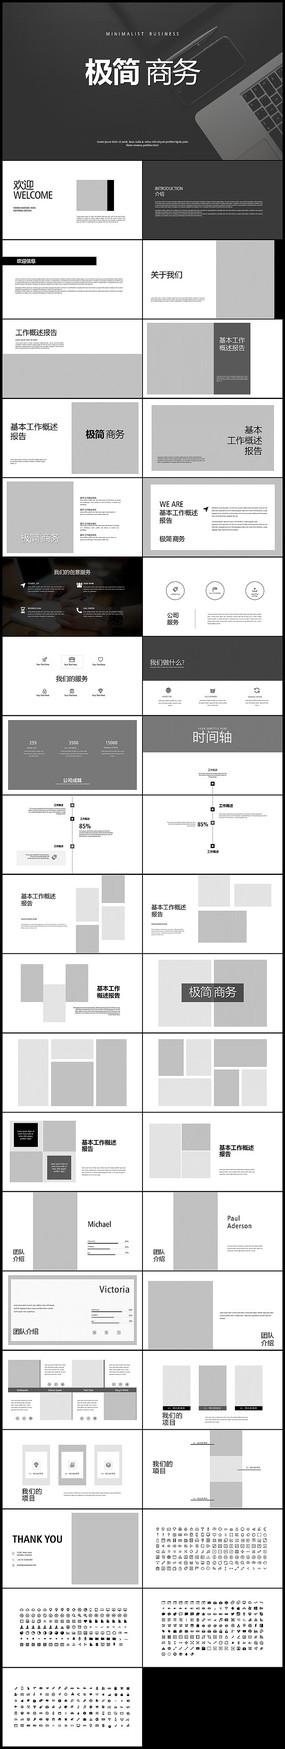 黑色高端版式极简公司简介商务PPT模板